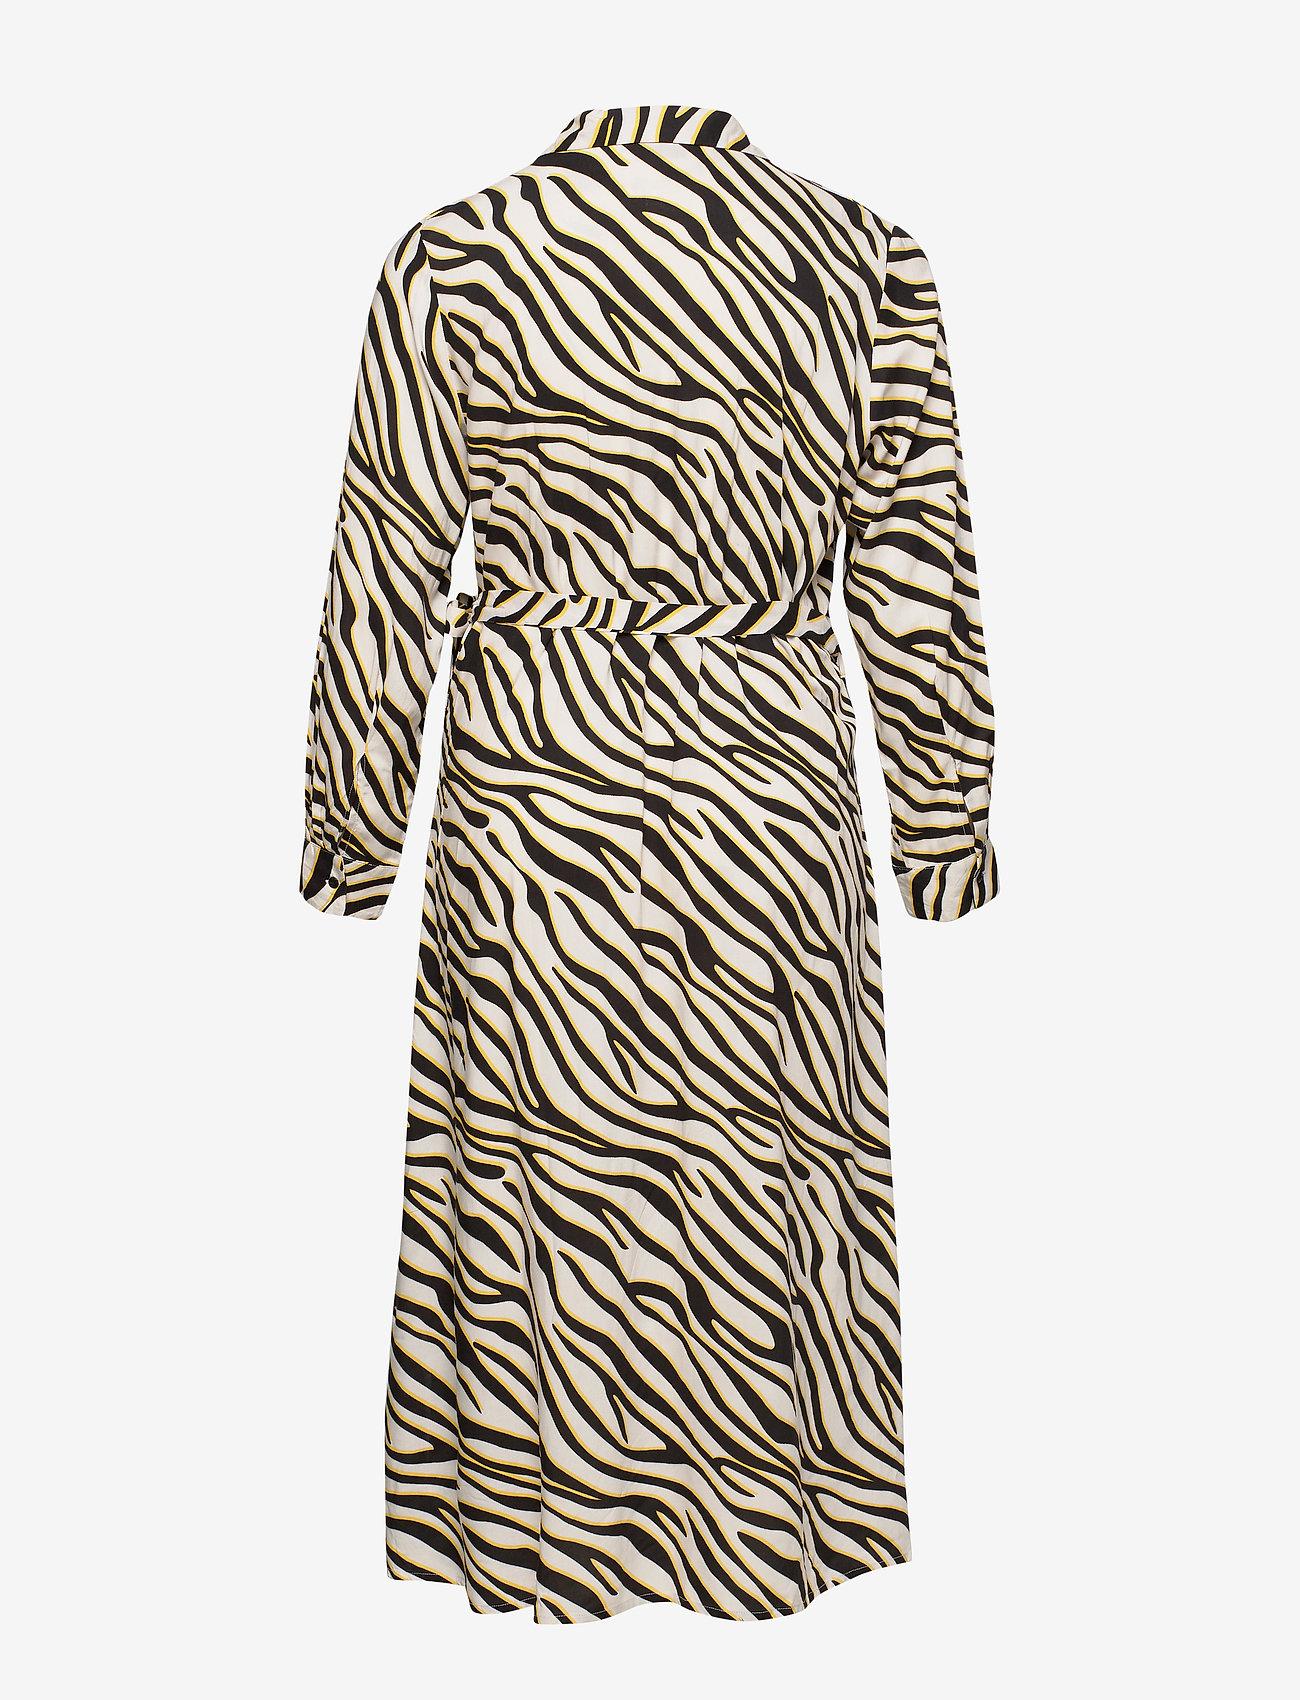 Zizzi MNIA, L/S, DRESS - Sukienki OFF-WHITE - Kobiety Odzież.